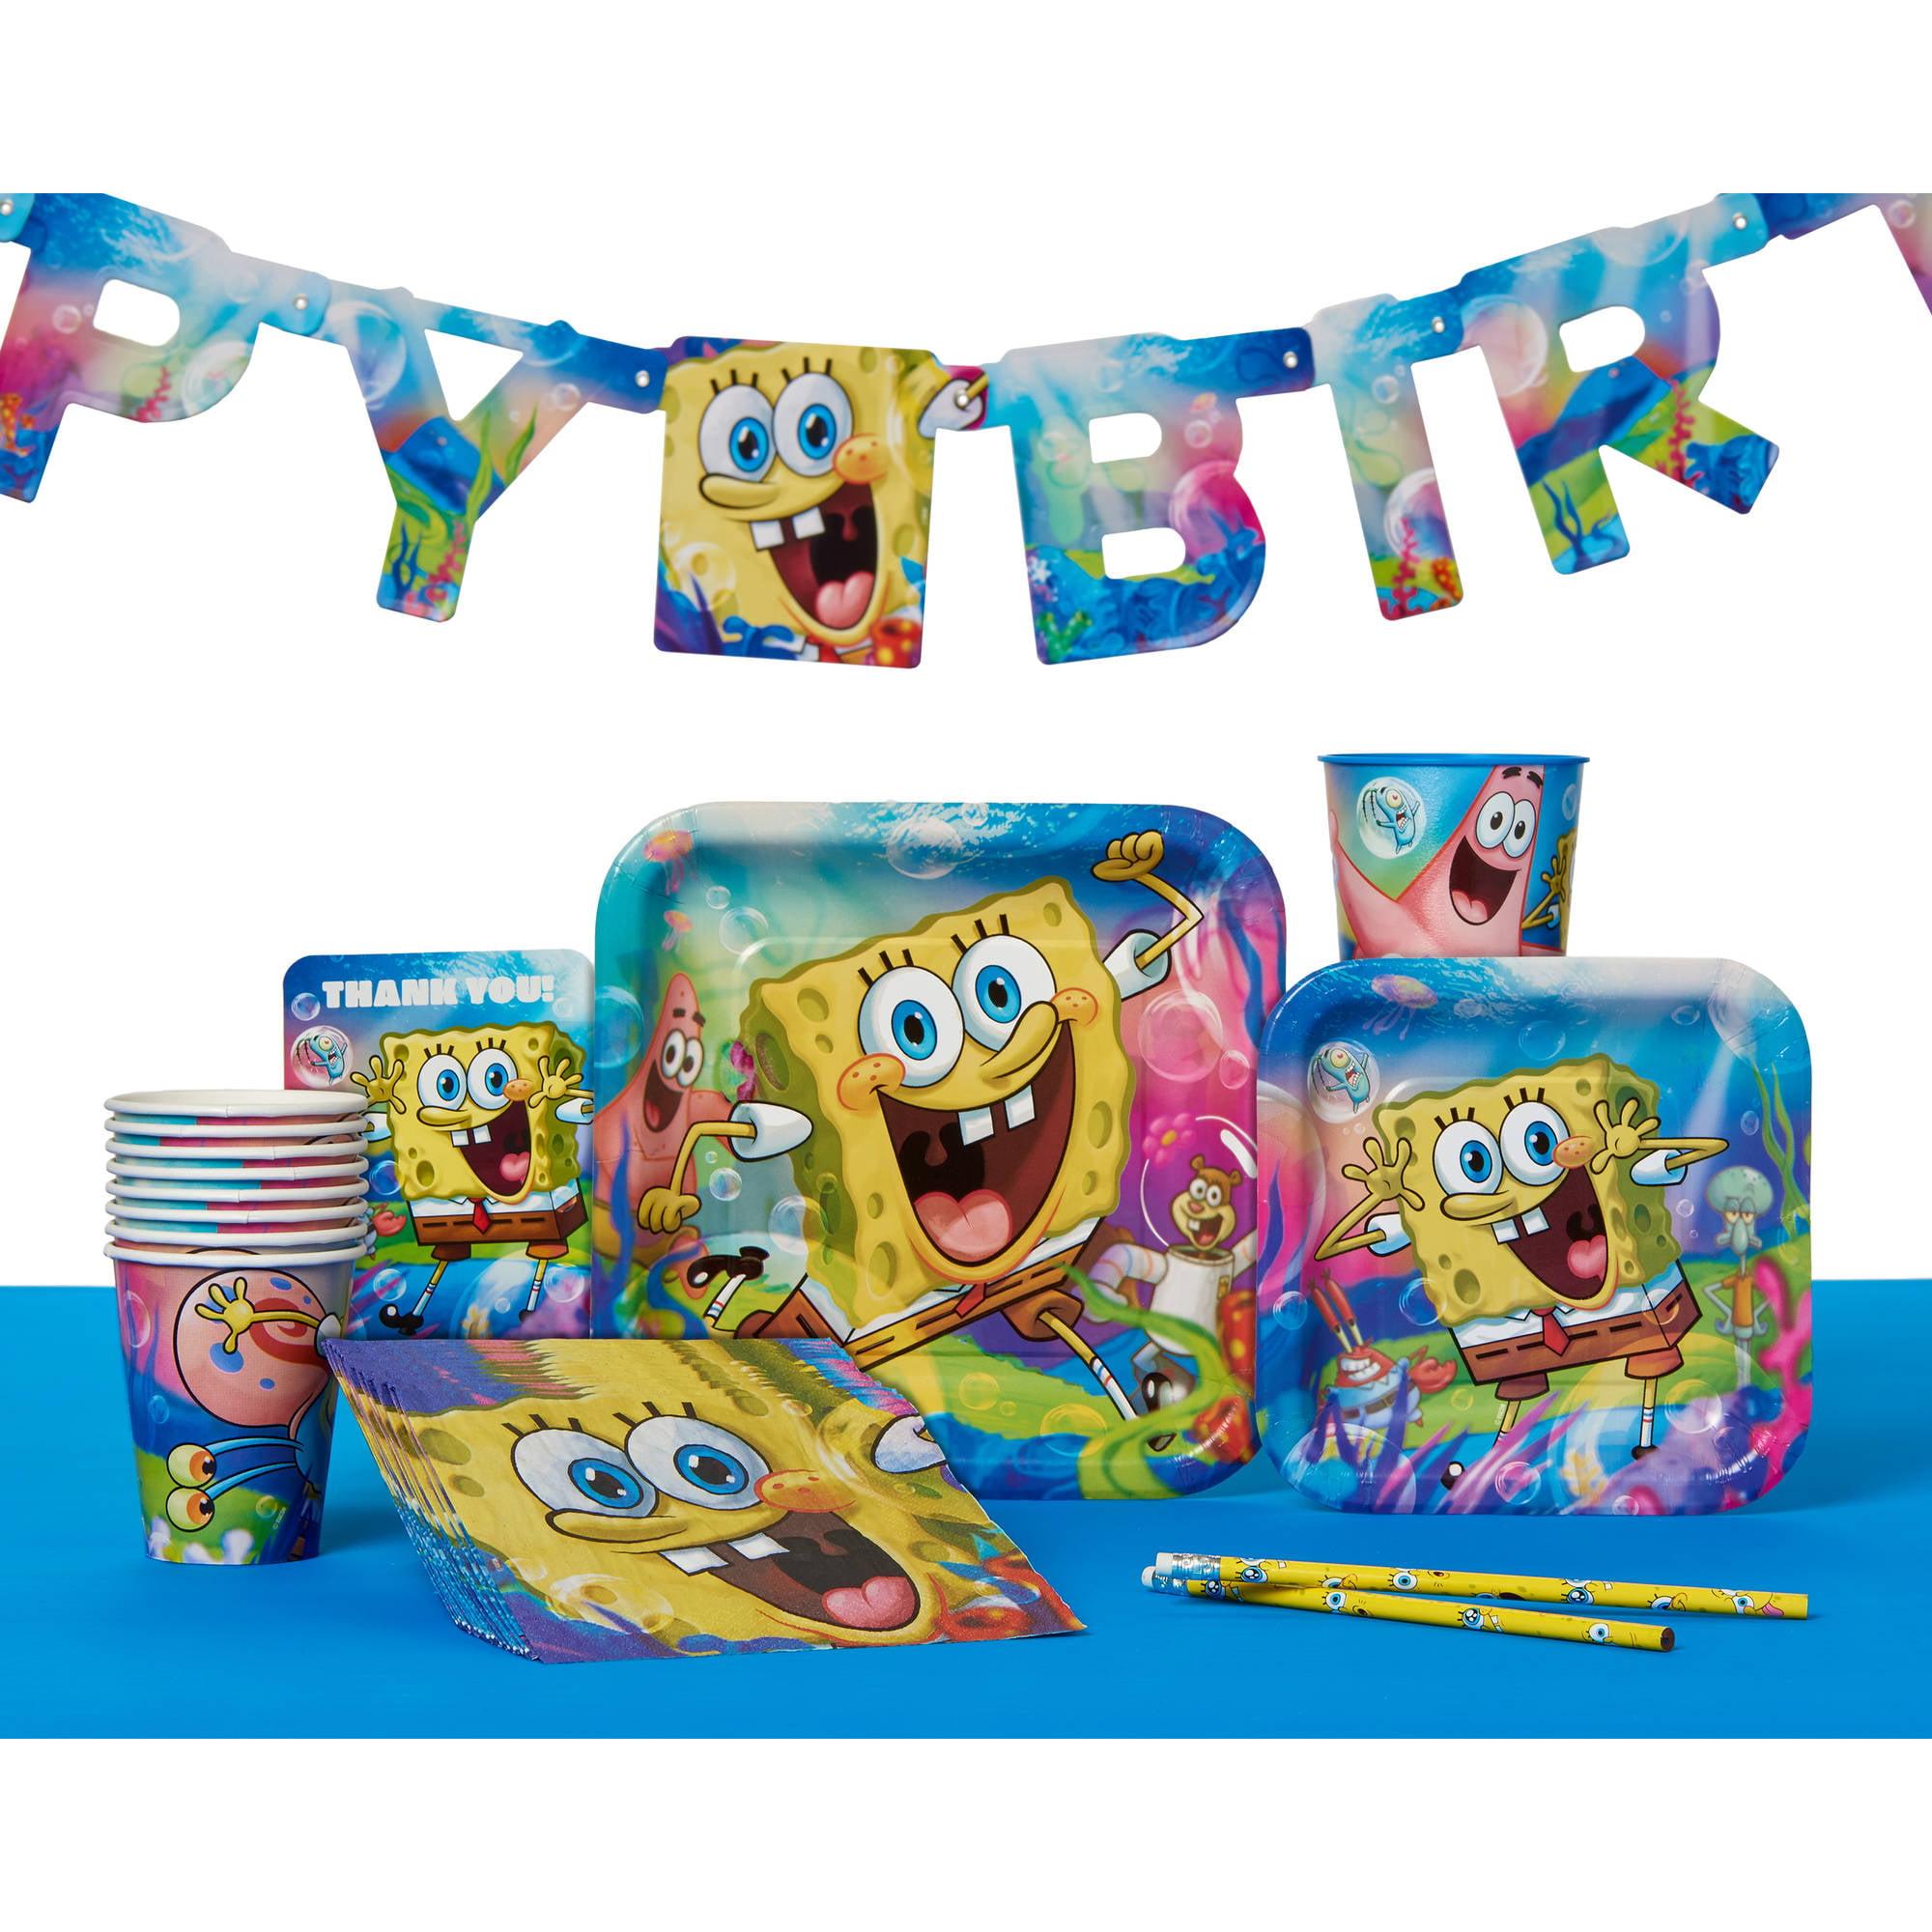 Spongebob squarepants bathroom accessories - Spongebob Squarepants Pencil Party Accessories Pencils 12 Count Walmart Com